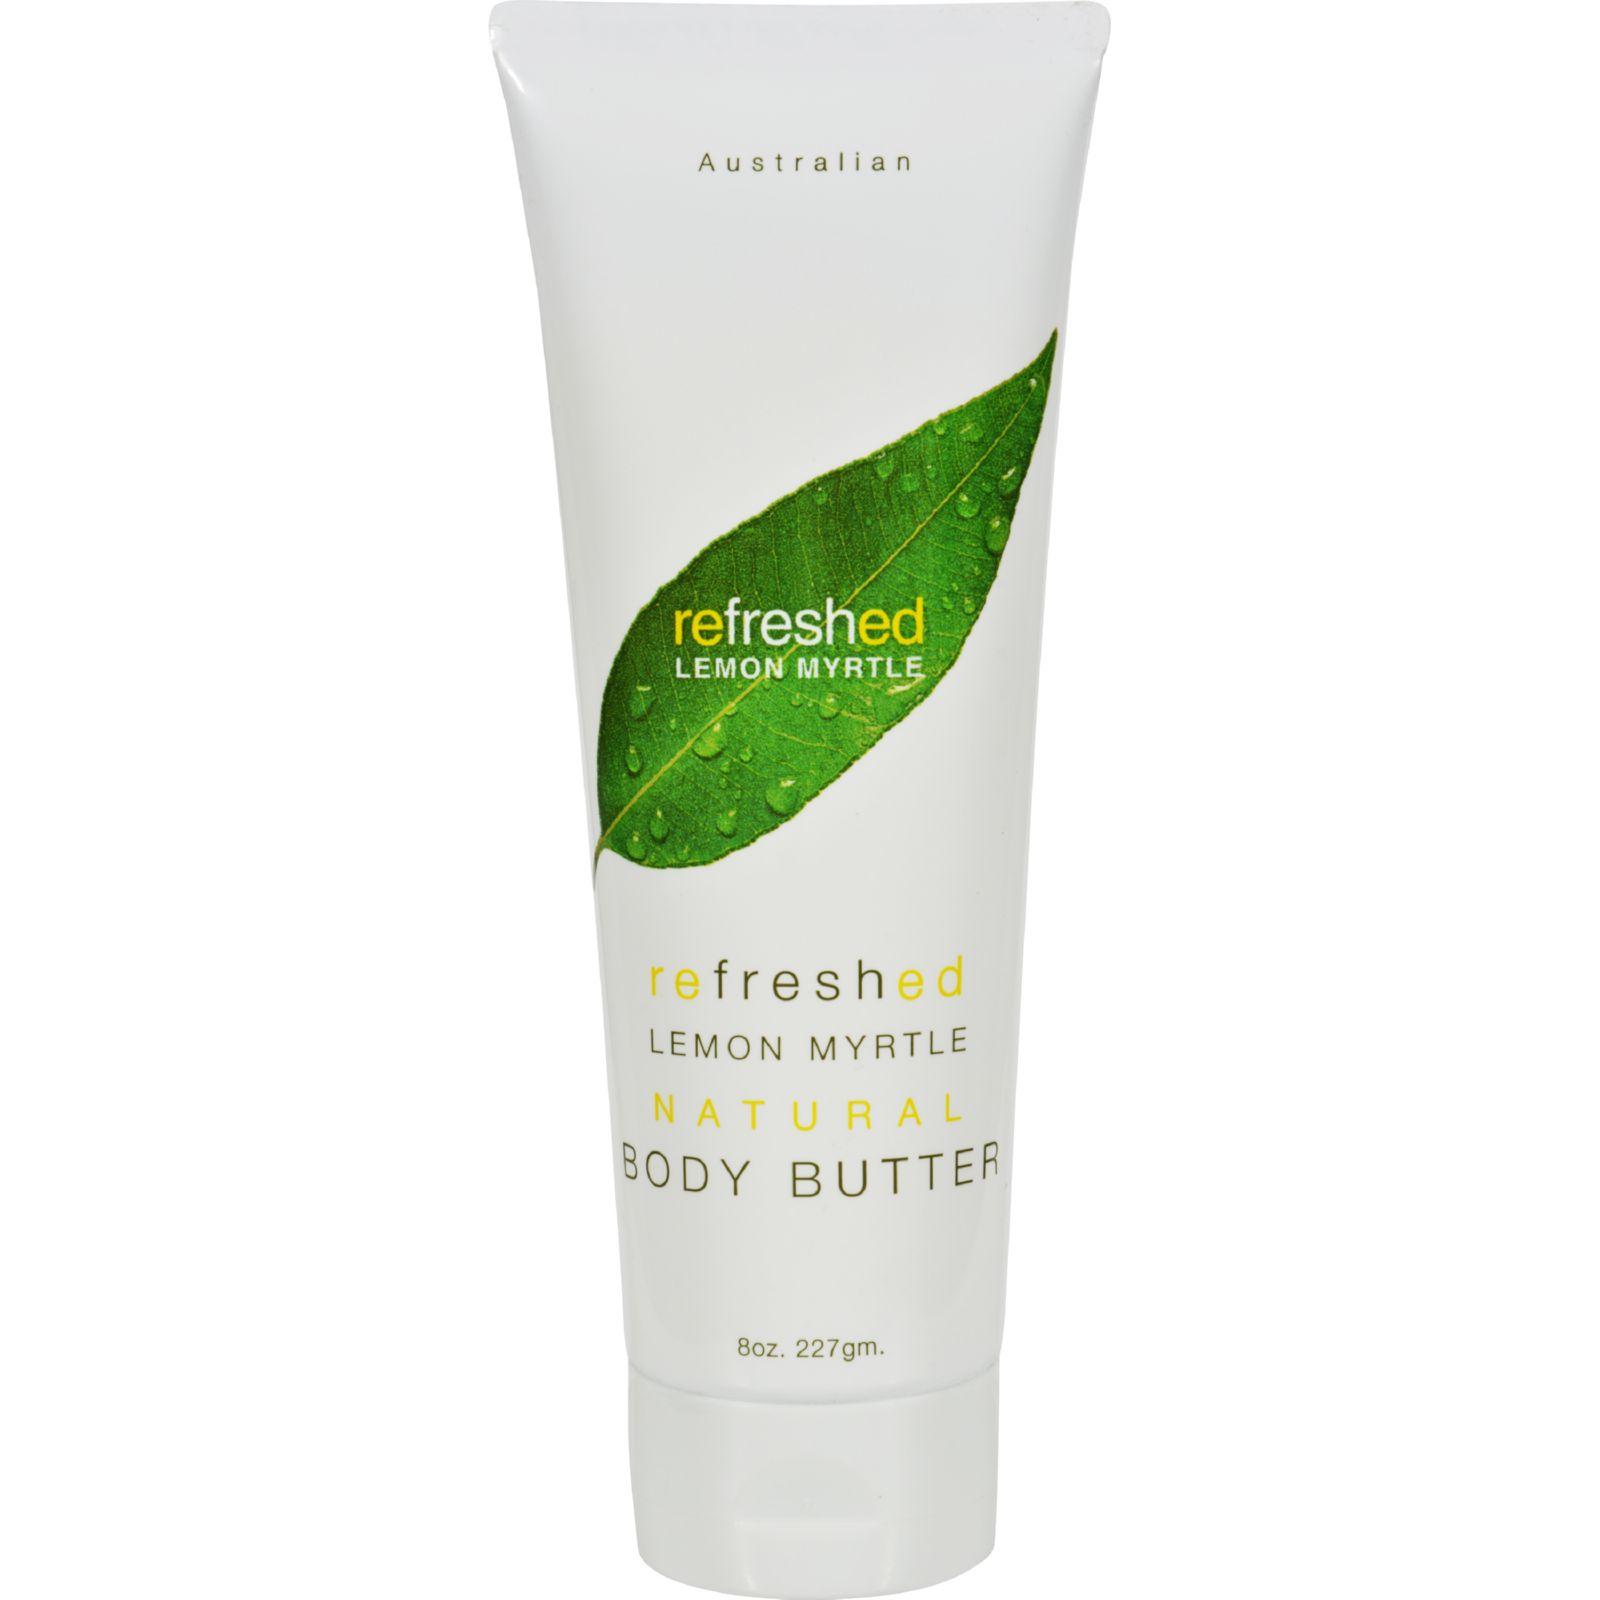 Tea Tree Lemon Myrtle Body Butter - 8 oz